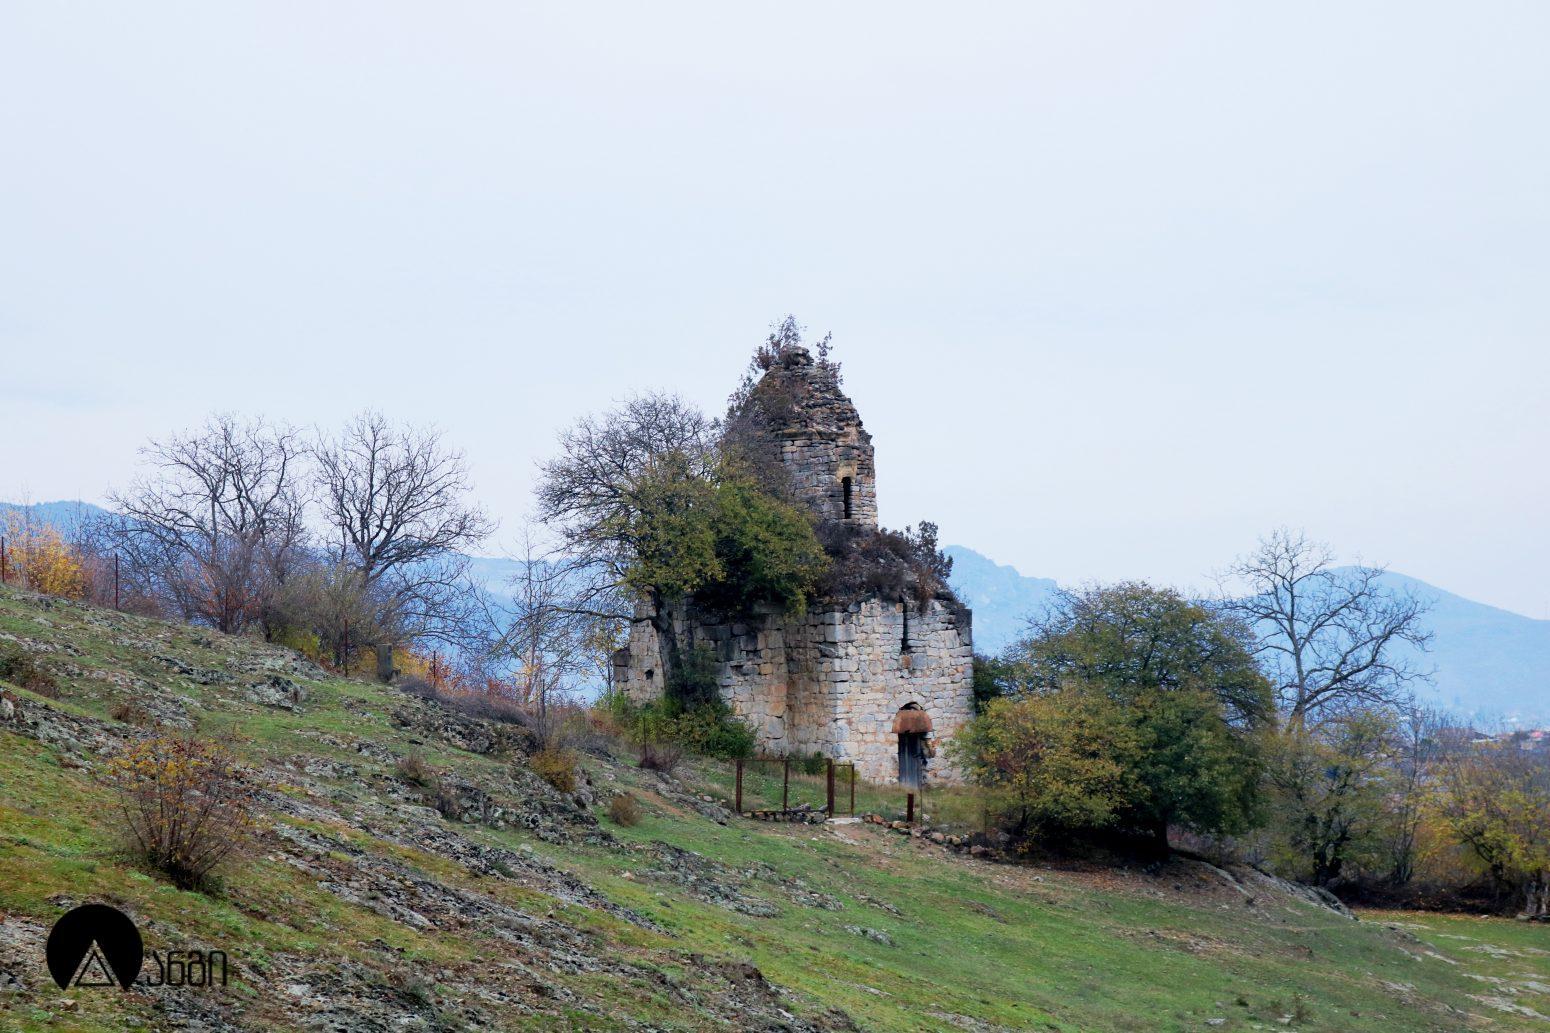 ხოჟორნის გუმბათოვანი ეკლესია